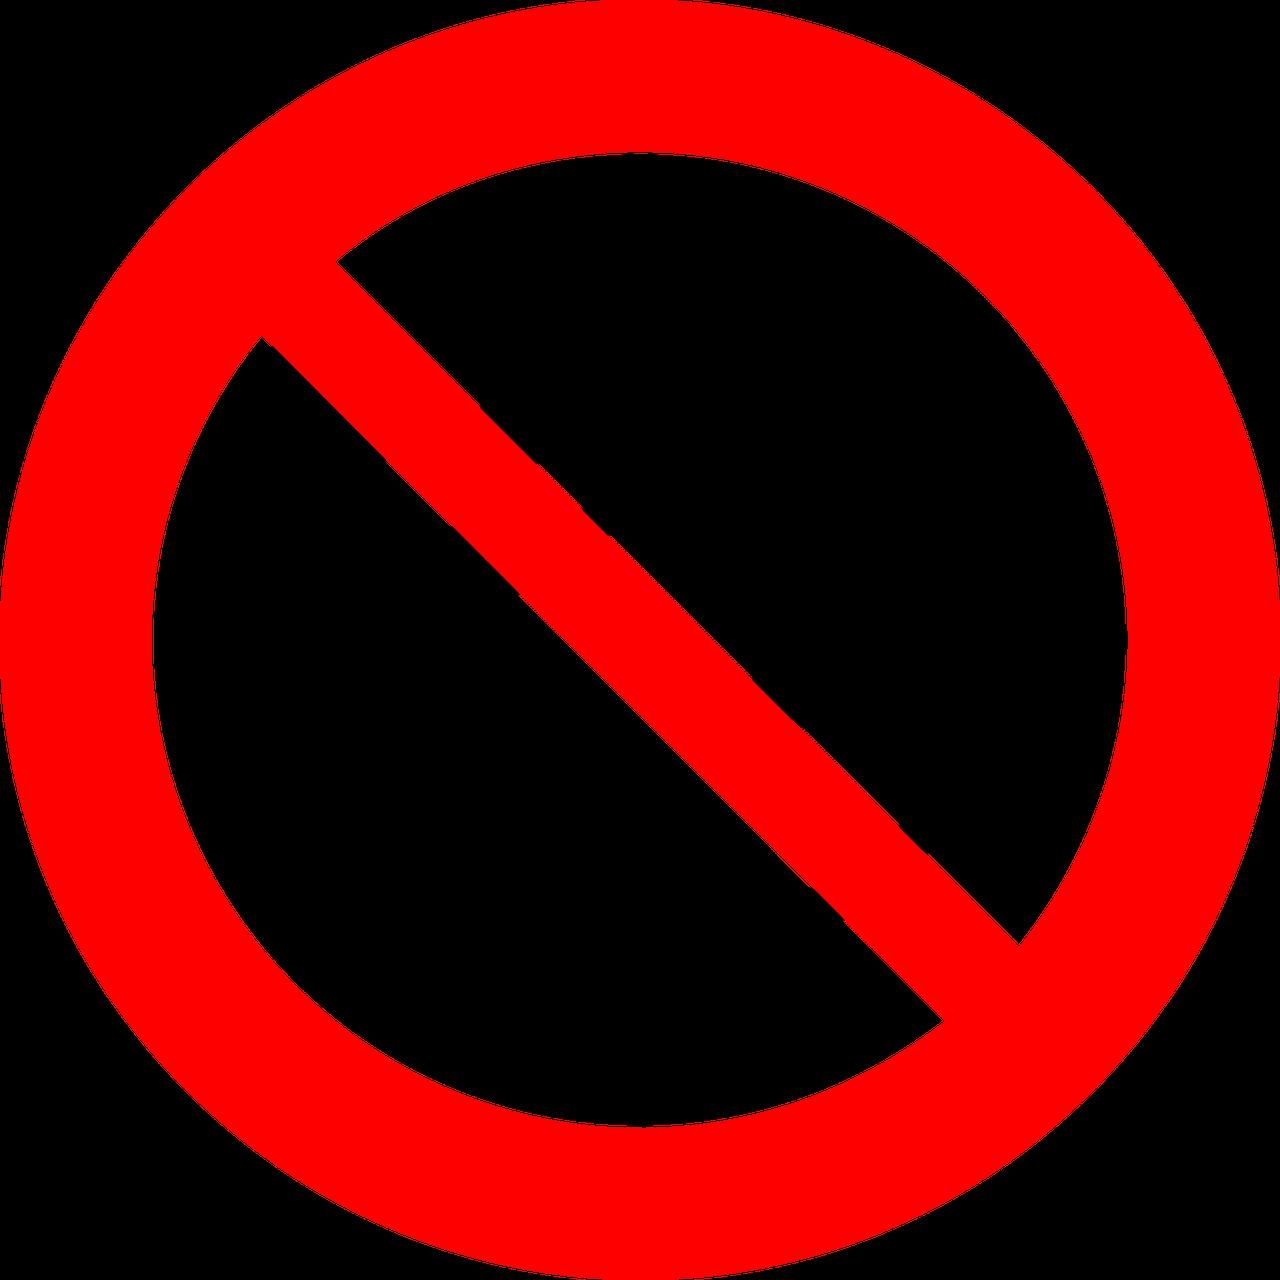 Gambar: Dilarang Berjabat Tangan